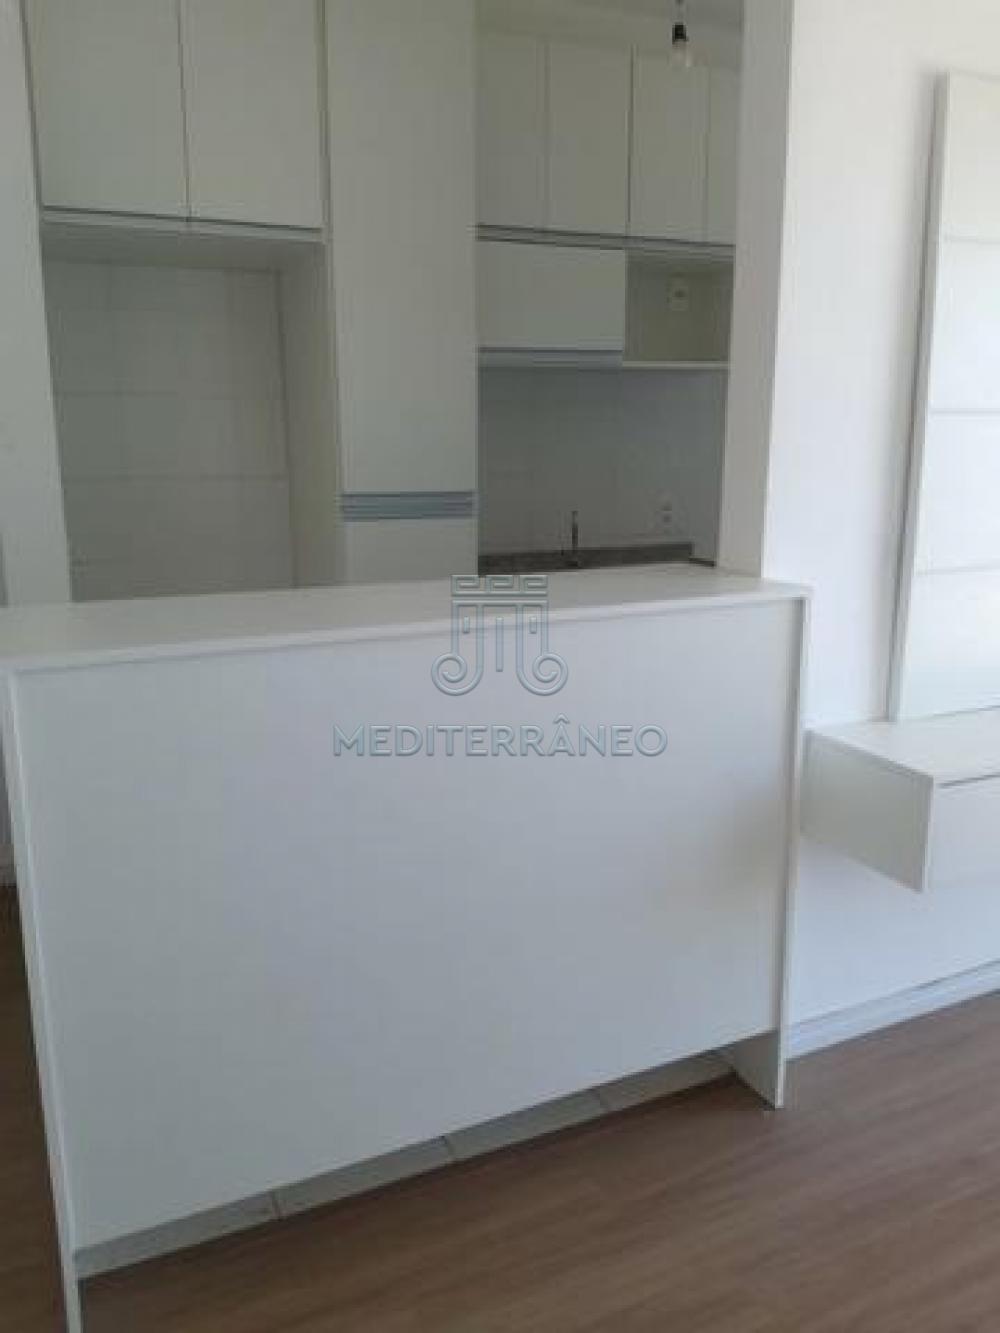 Alugar Apartamento / Padrão em Jundiaí apenas R$ 1.550,00 - Foto 6